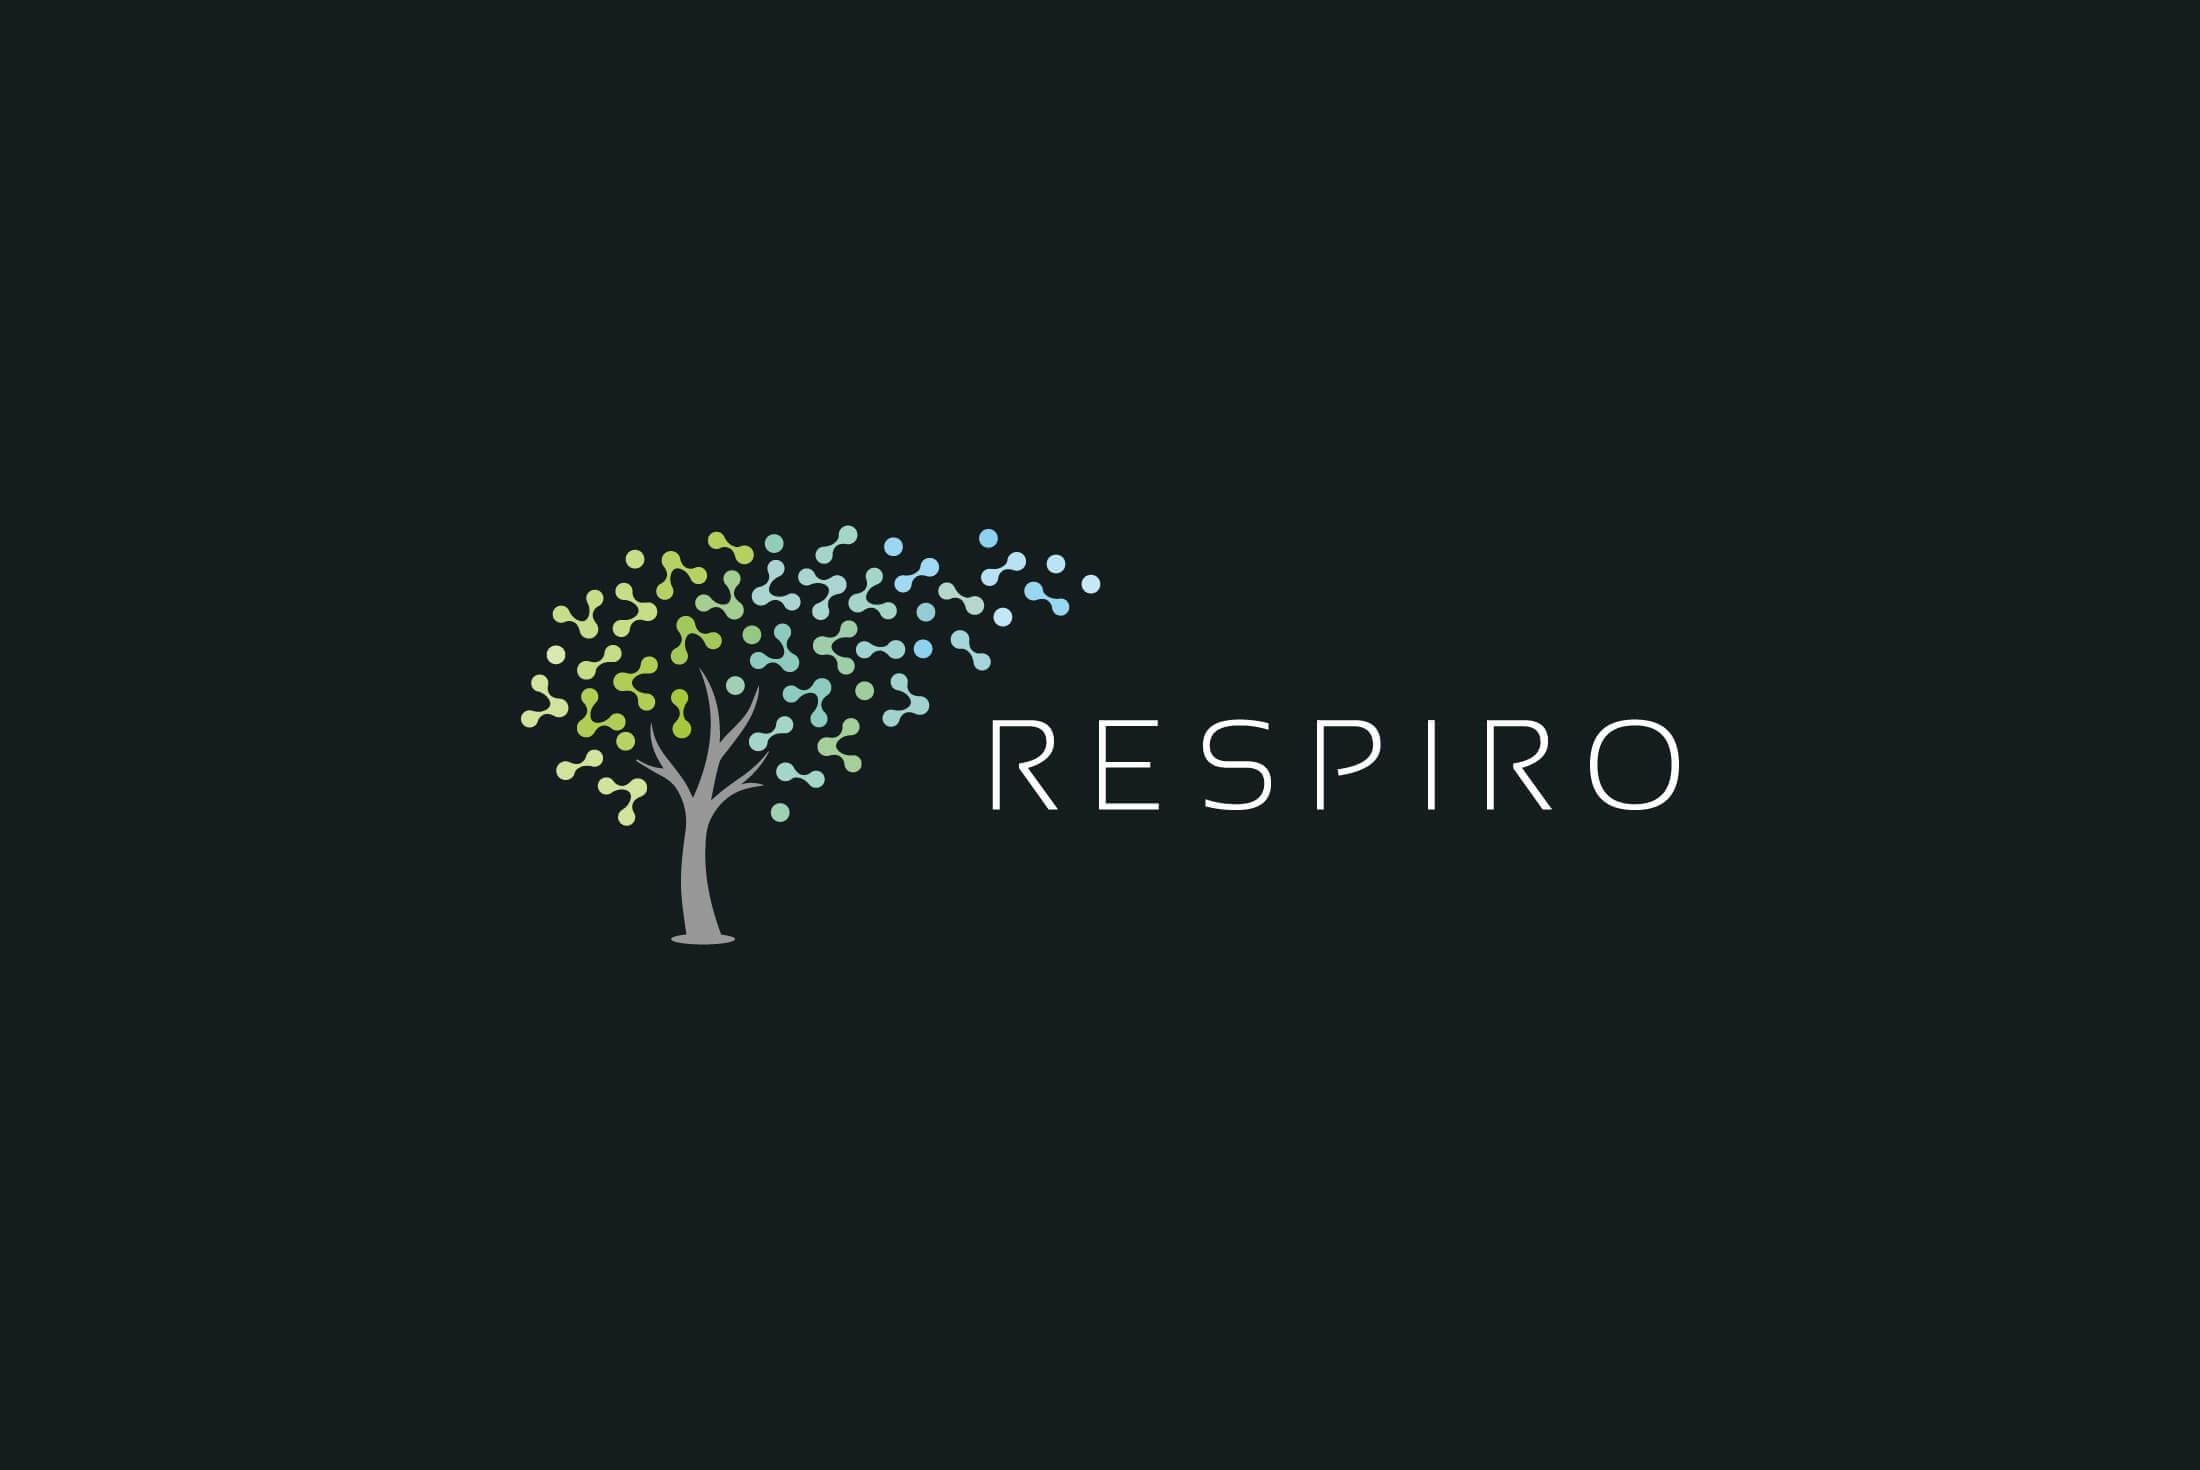 Logo mockup - Portfolio - Be Comunicazioni - Pubblicità e Marketing - Respiro - Cover